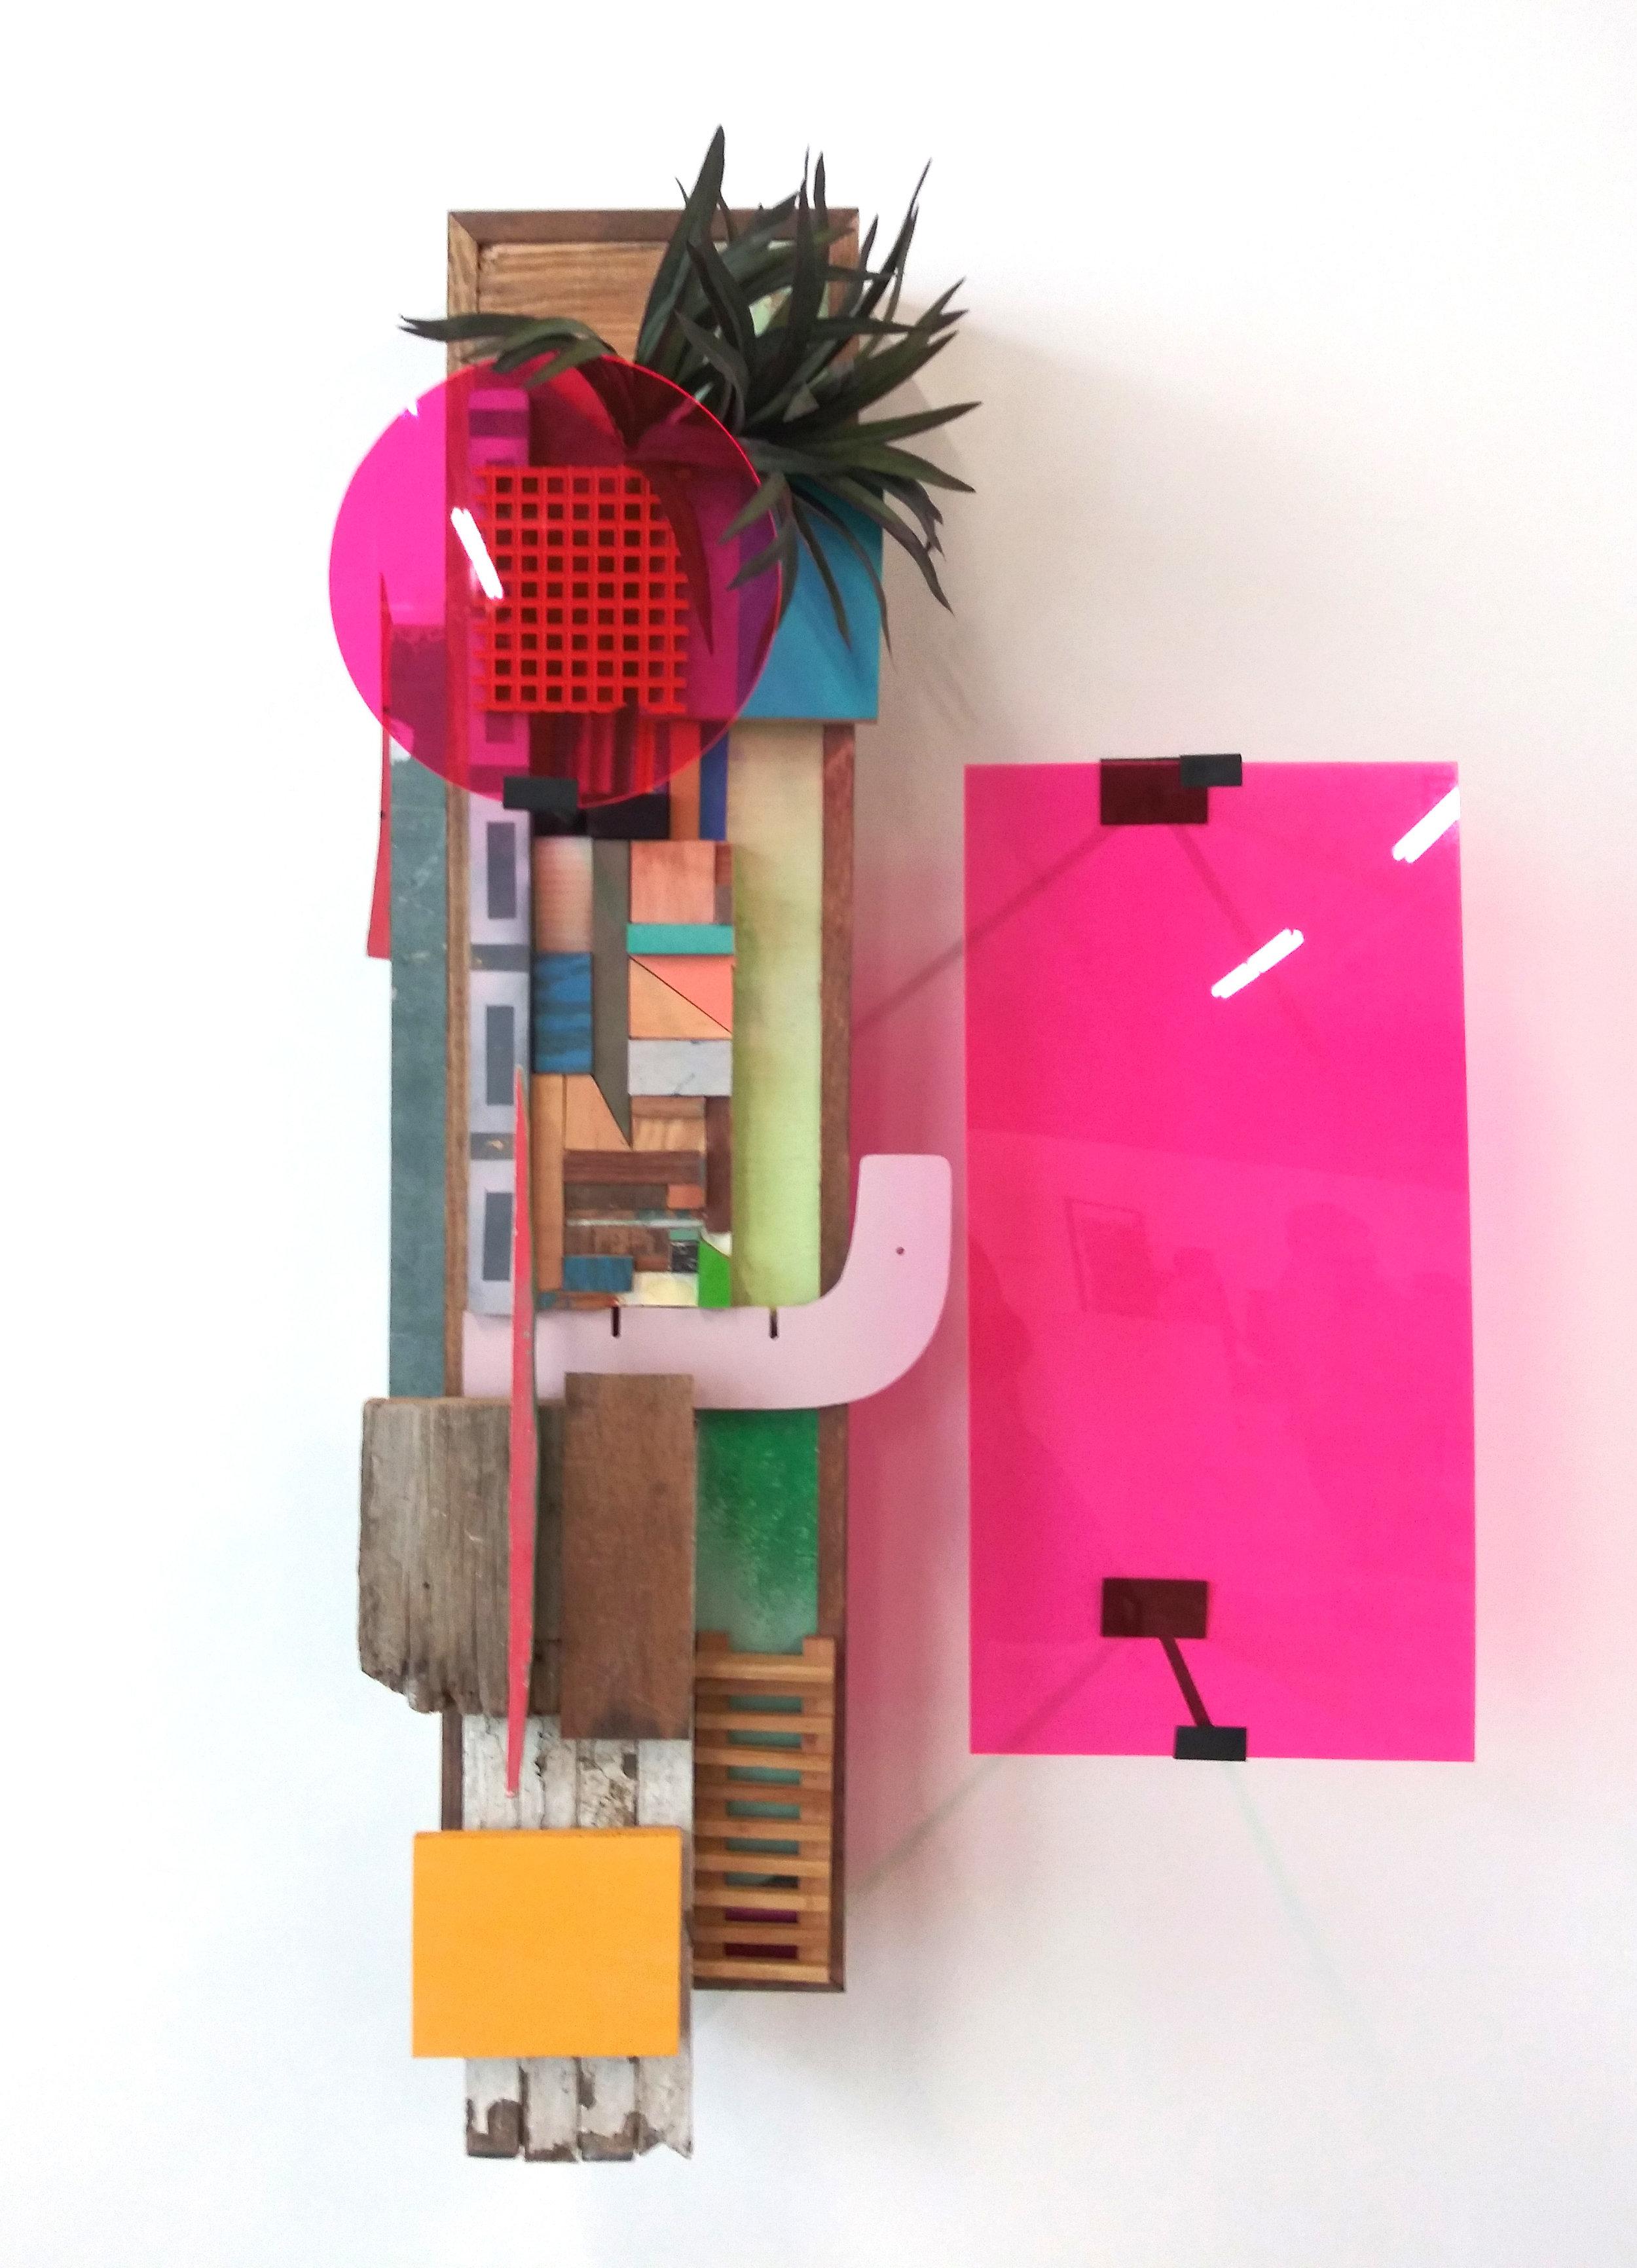 Work by Pete Hoffecker Mejia